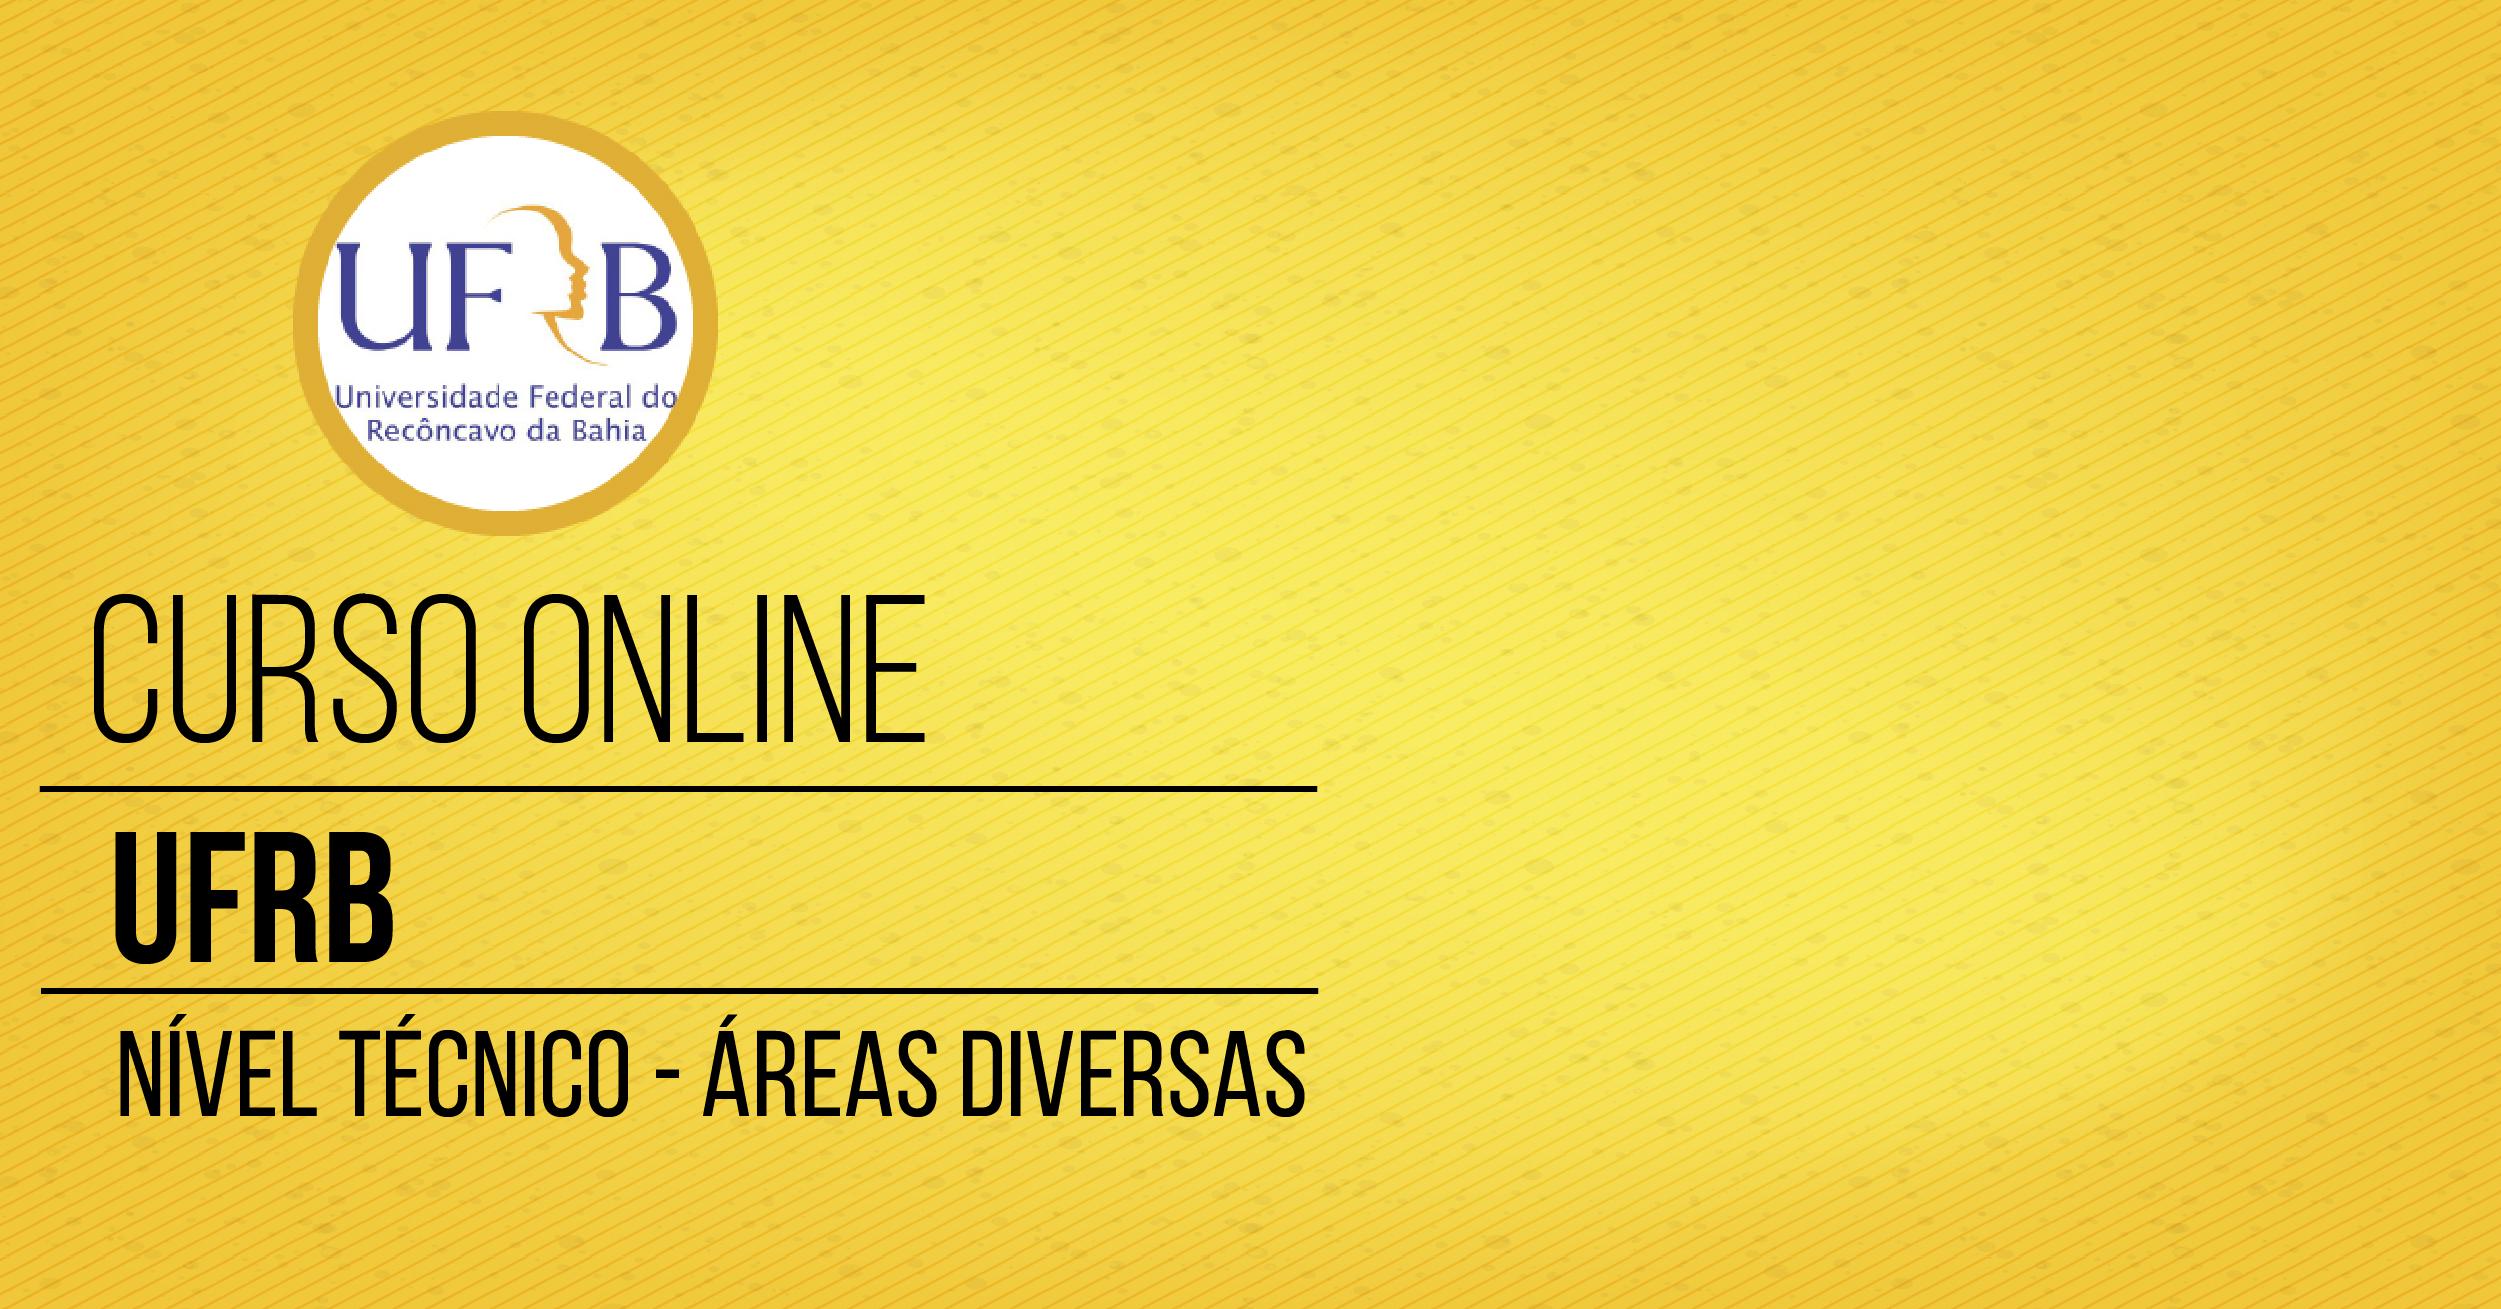 Curso - Universidade Federal do Recôncavo da Bahia - UFRB - Técnico - Diversas Áreas